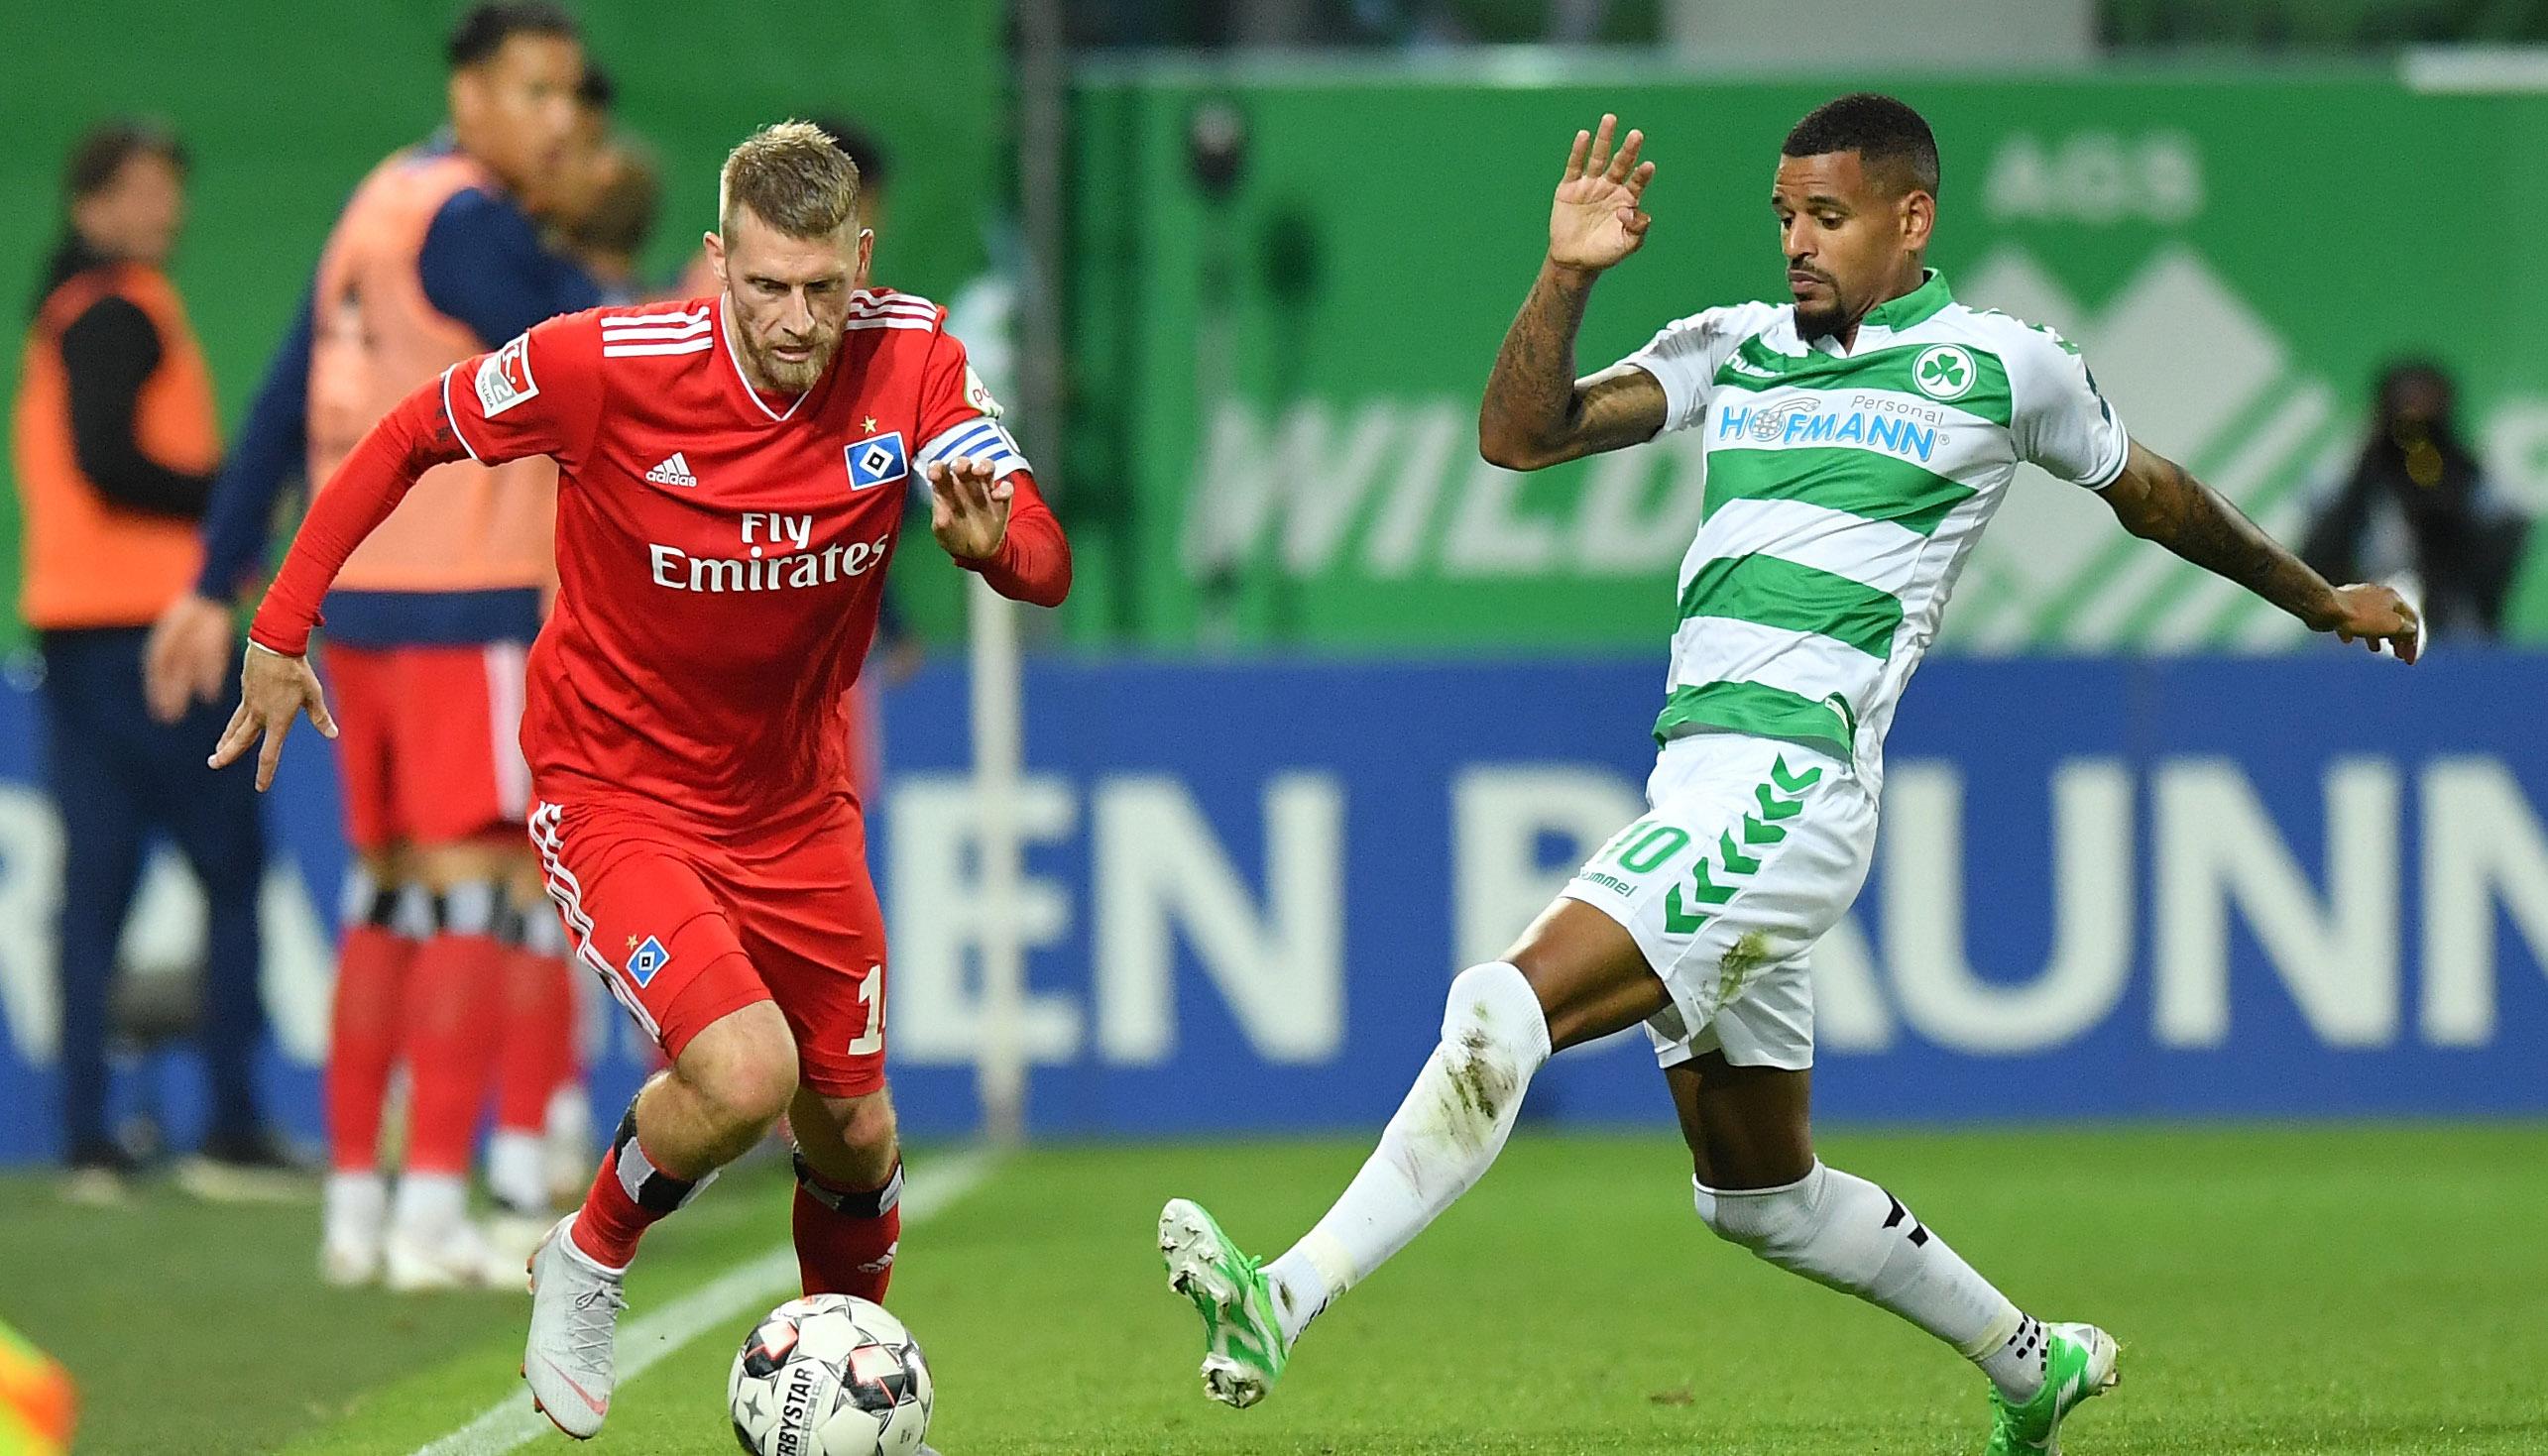 HSV – Greuther Fürth: Wieder eine zähe Angelegenheit?